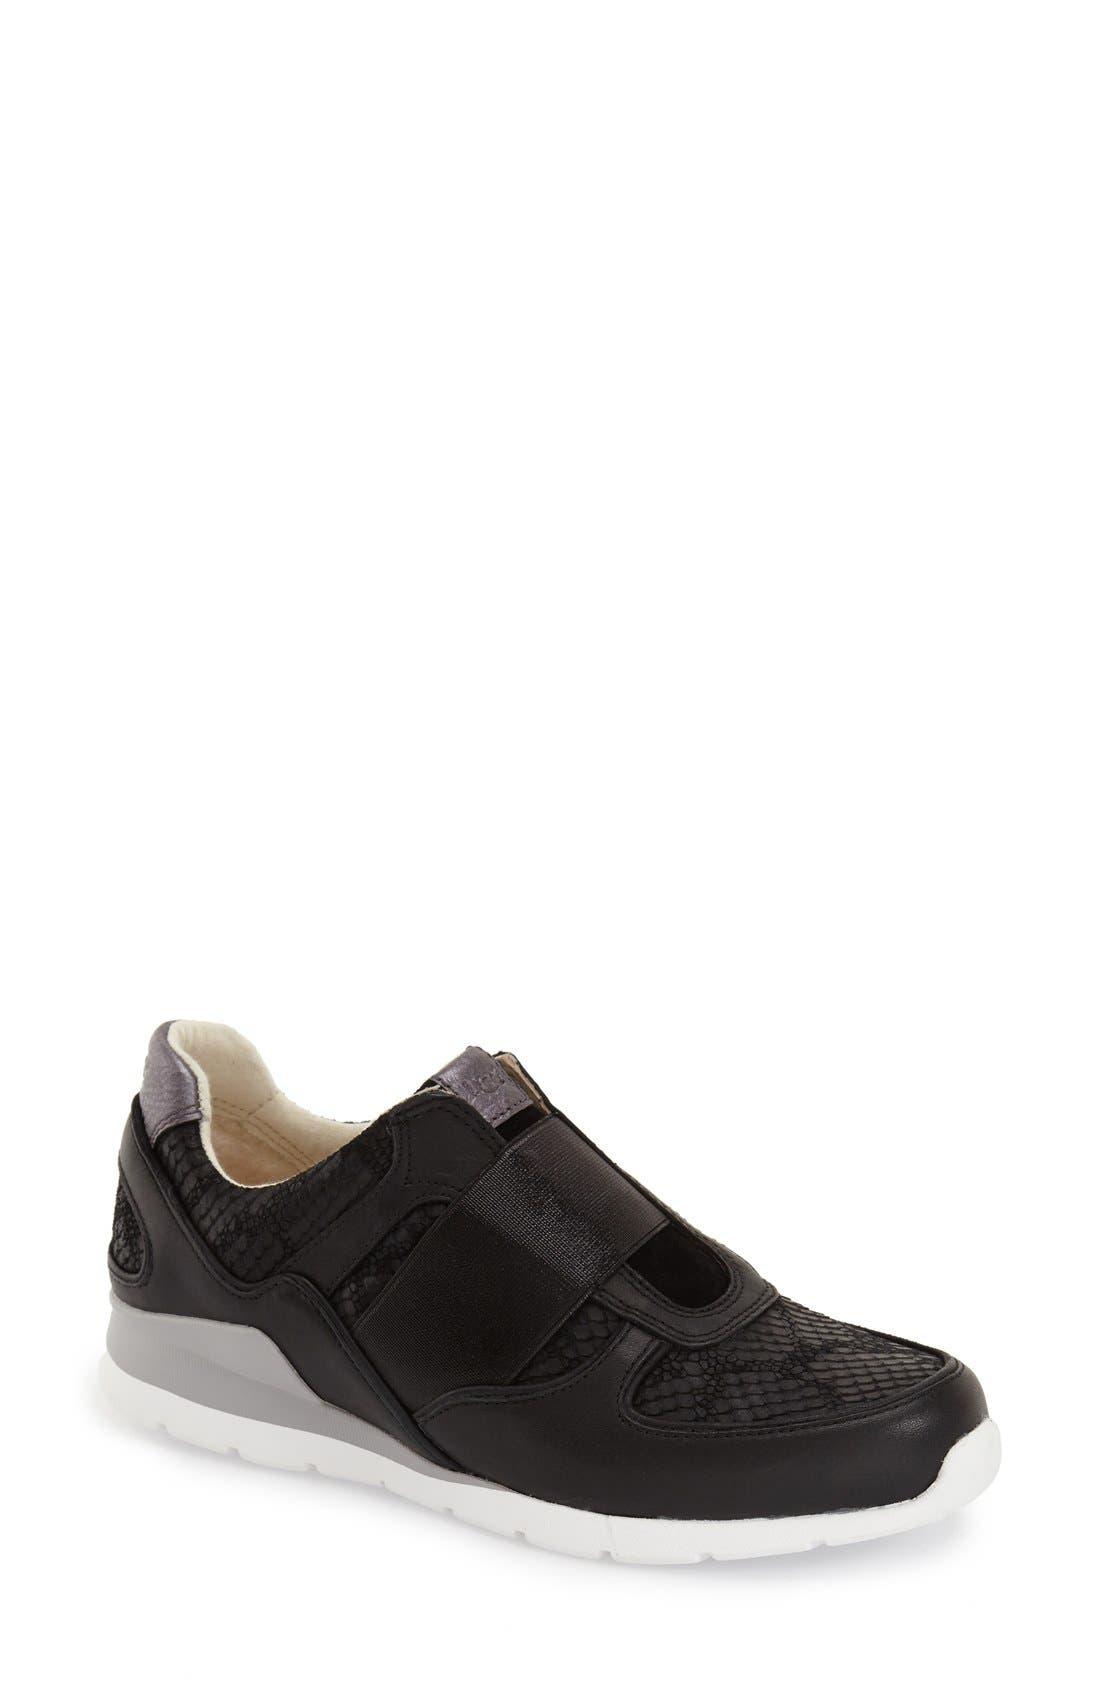 Alternate Image 1 Selected - UGG® 'Annetta' Slip-On Sneaker (Women)